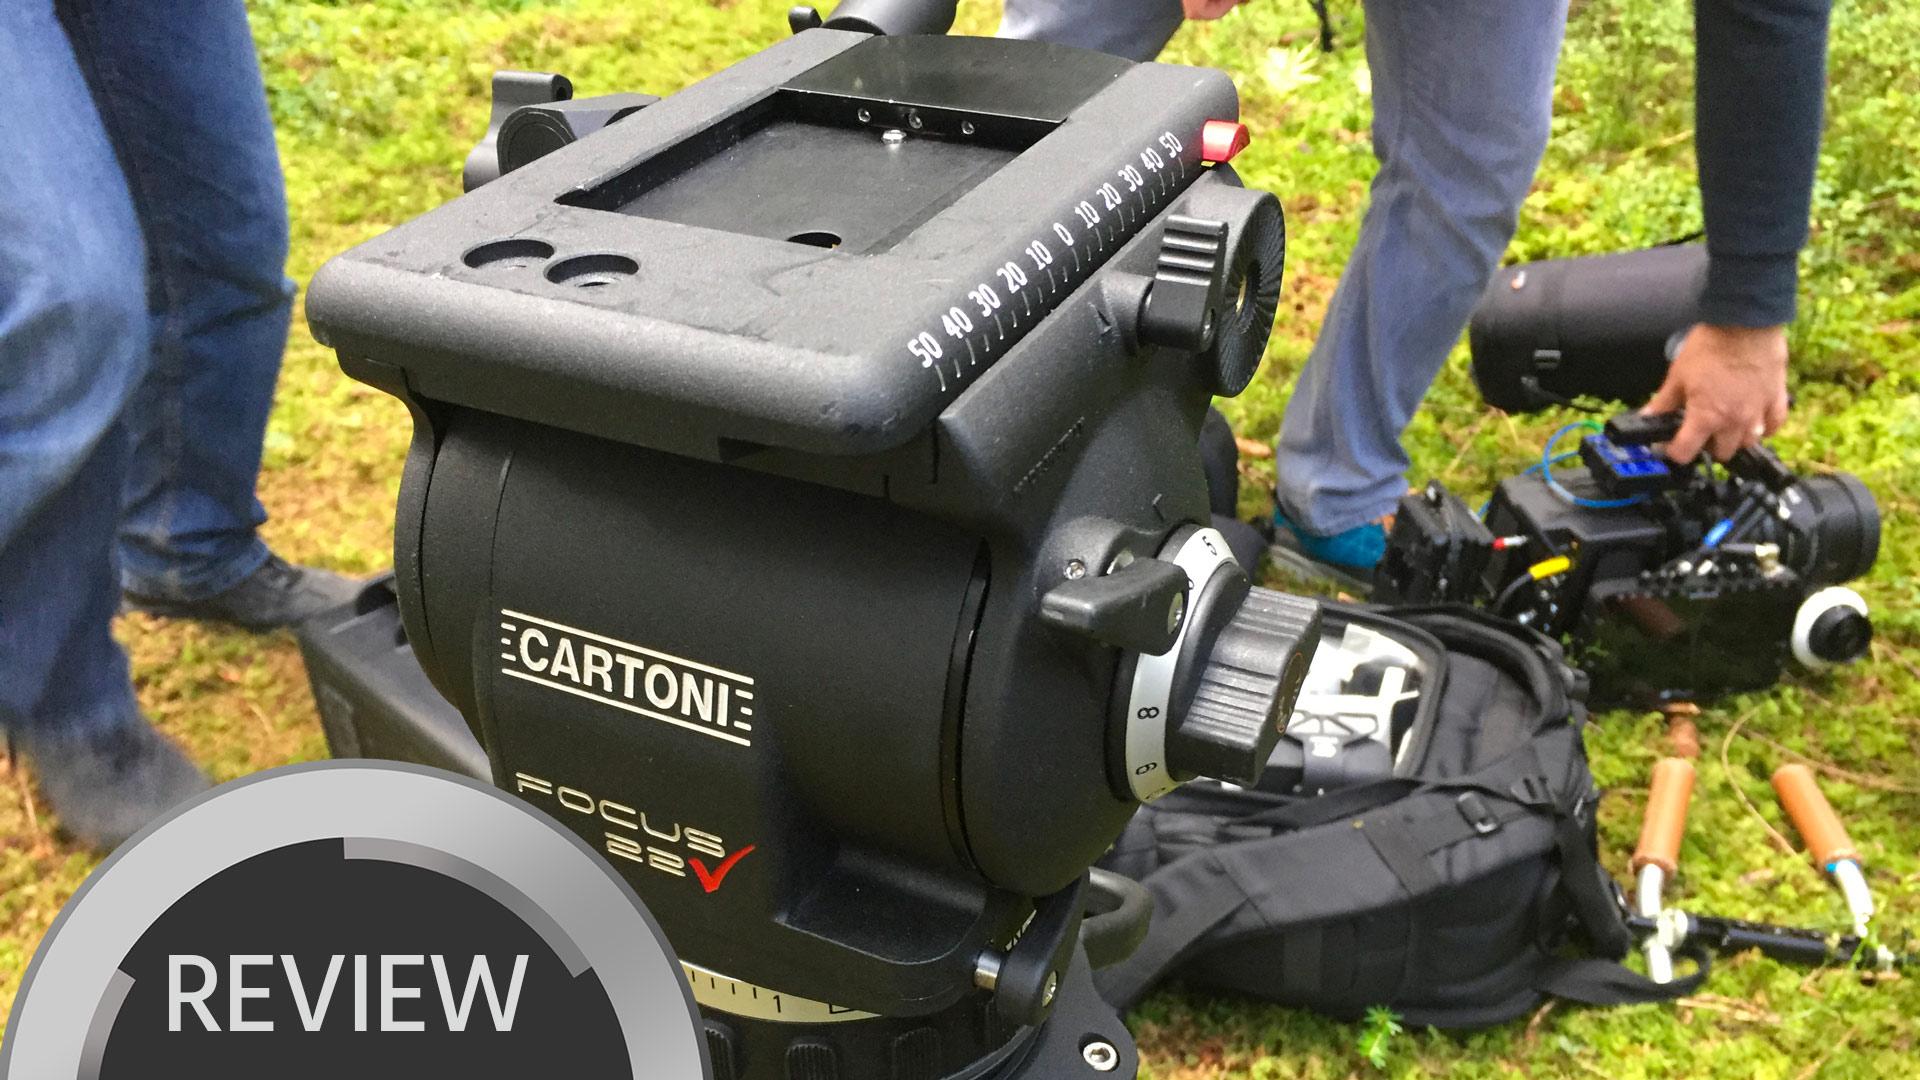 Cartoni Focus 22レビュー - 重量級カメラ用三脚